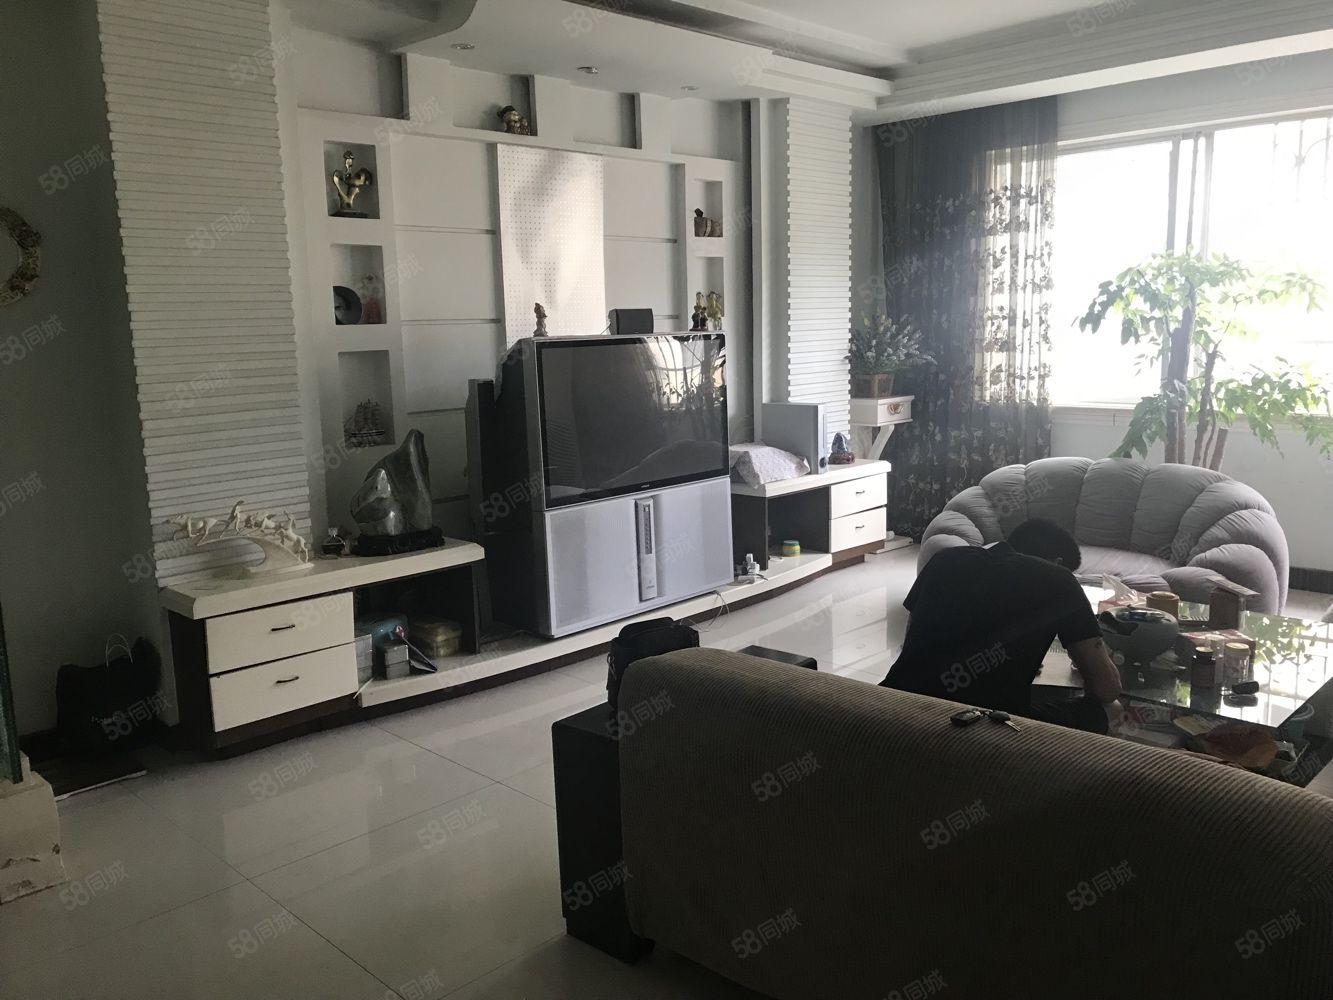 新时代A区低层带家具家电出售,3100?#40644;?>                                                                                     <span class=